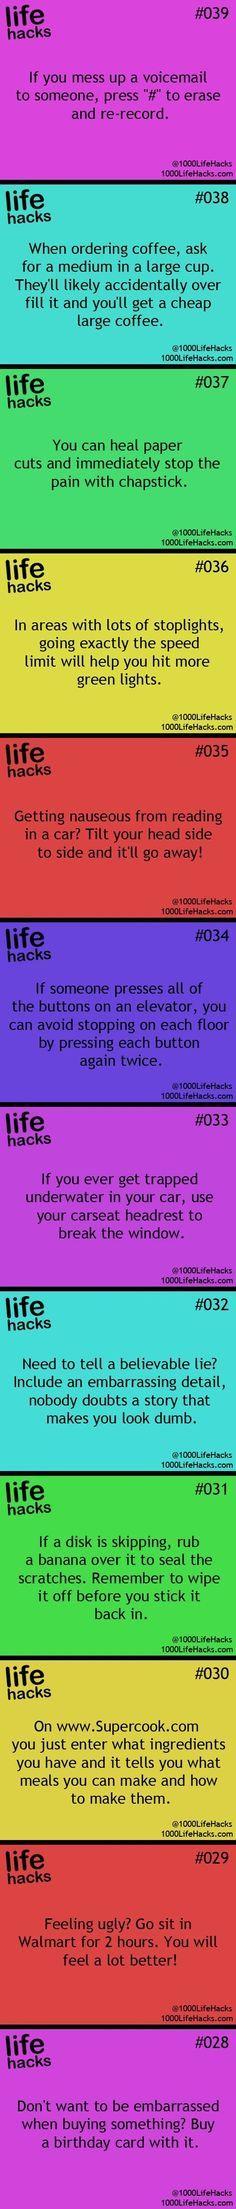 25 Useful Life Hacks